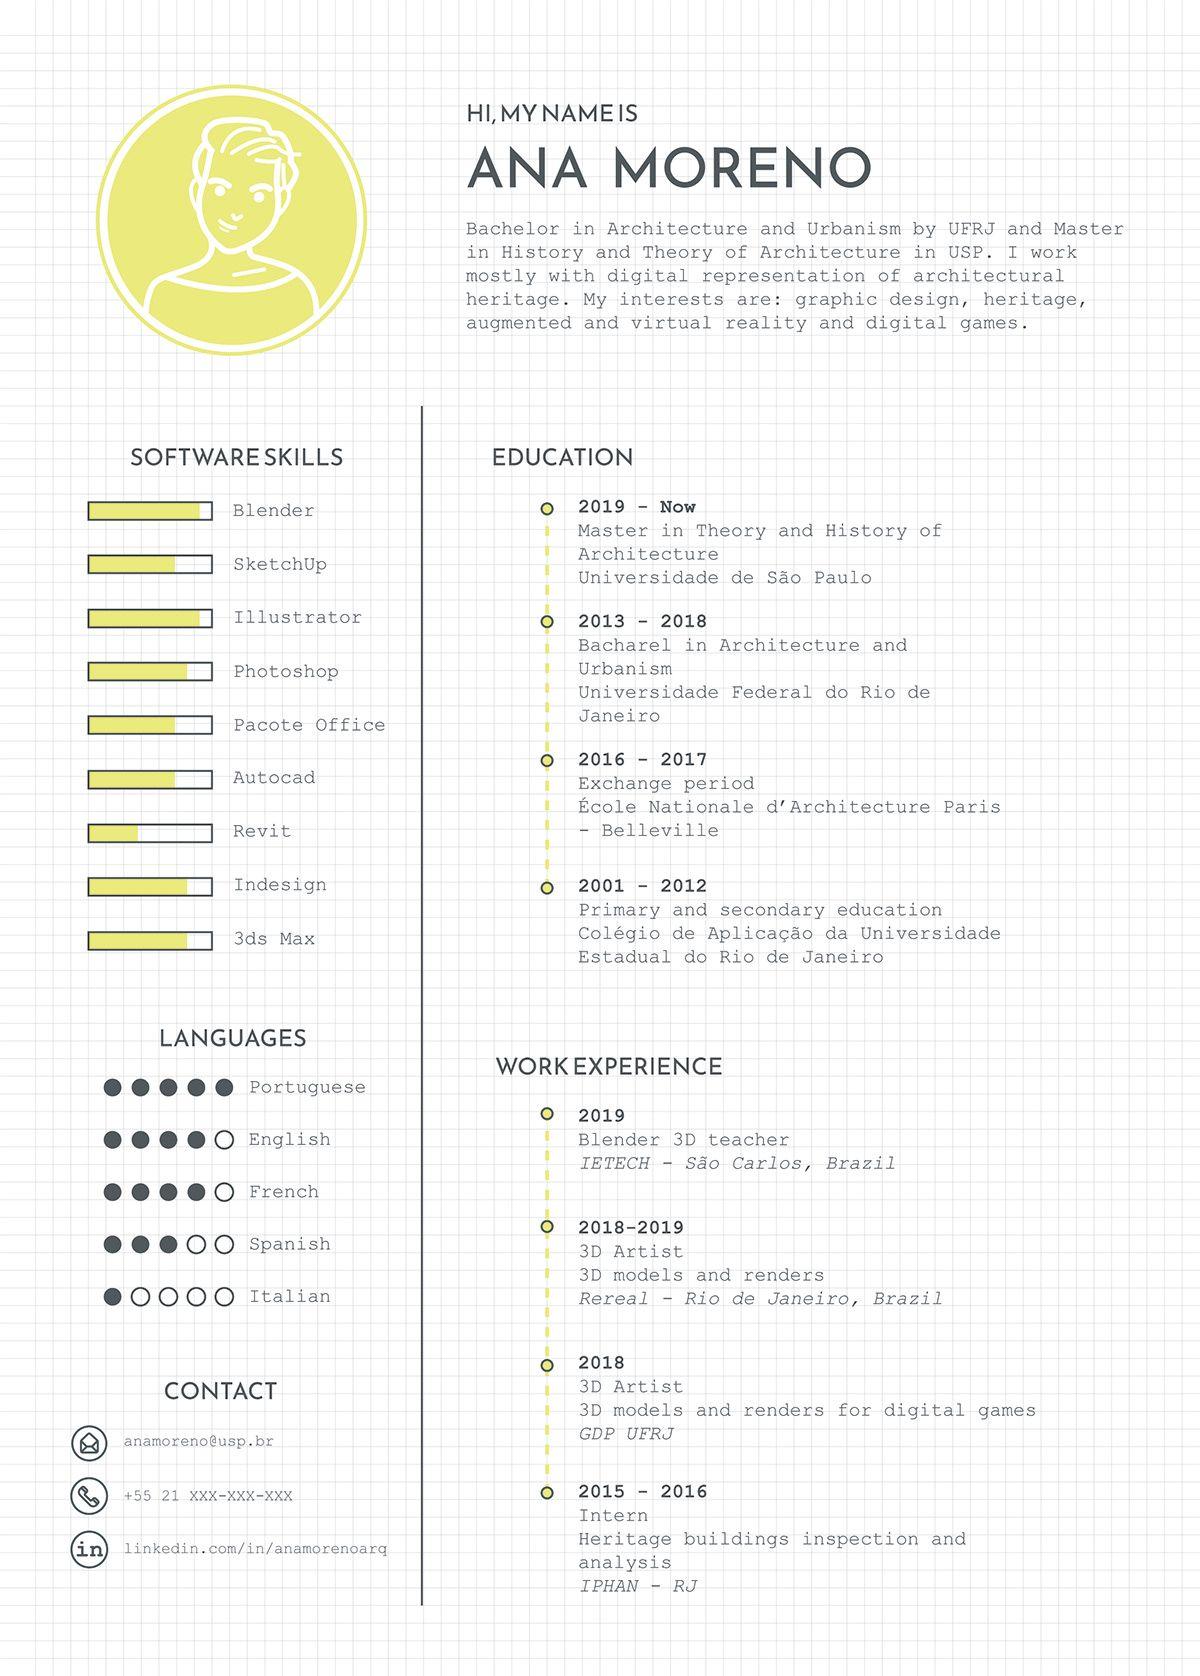 Curriculum Vitae Cv Of Ana Moreno Curriculum Vitae Creative Graphic Design Resume Curriculum Vitae